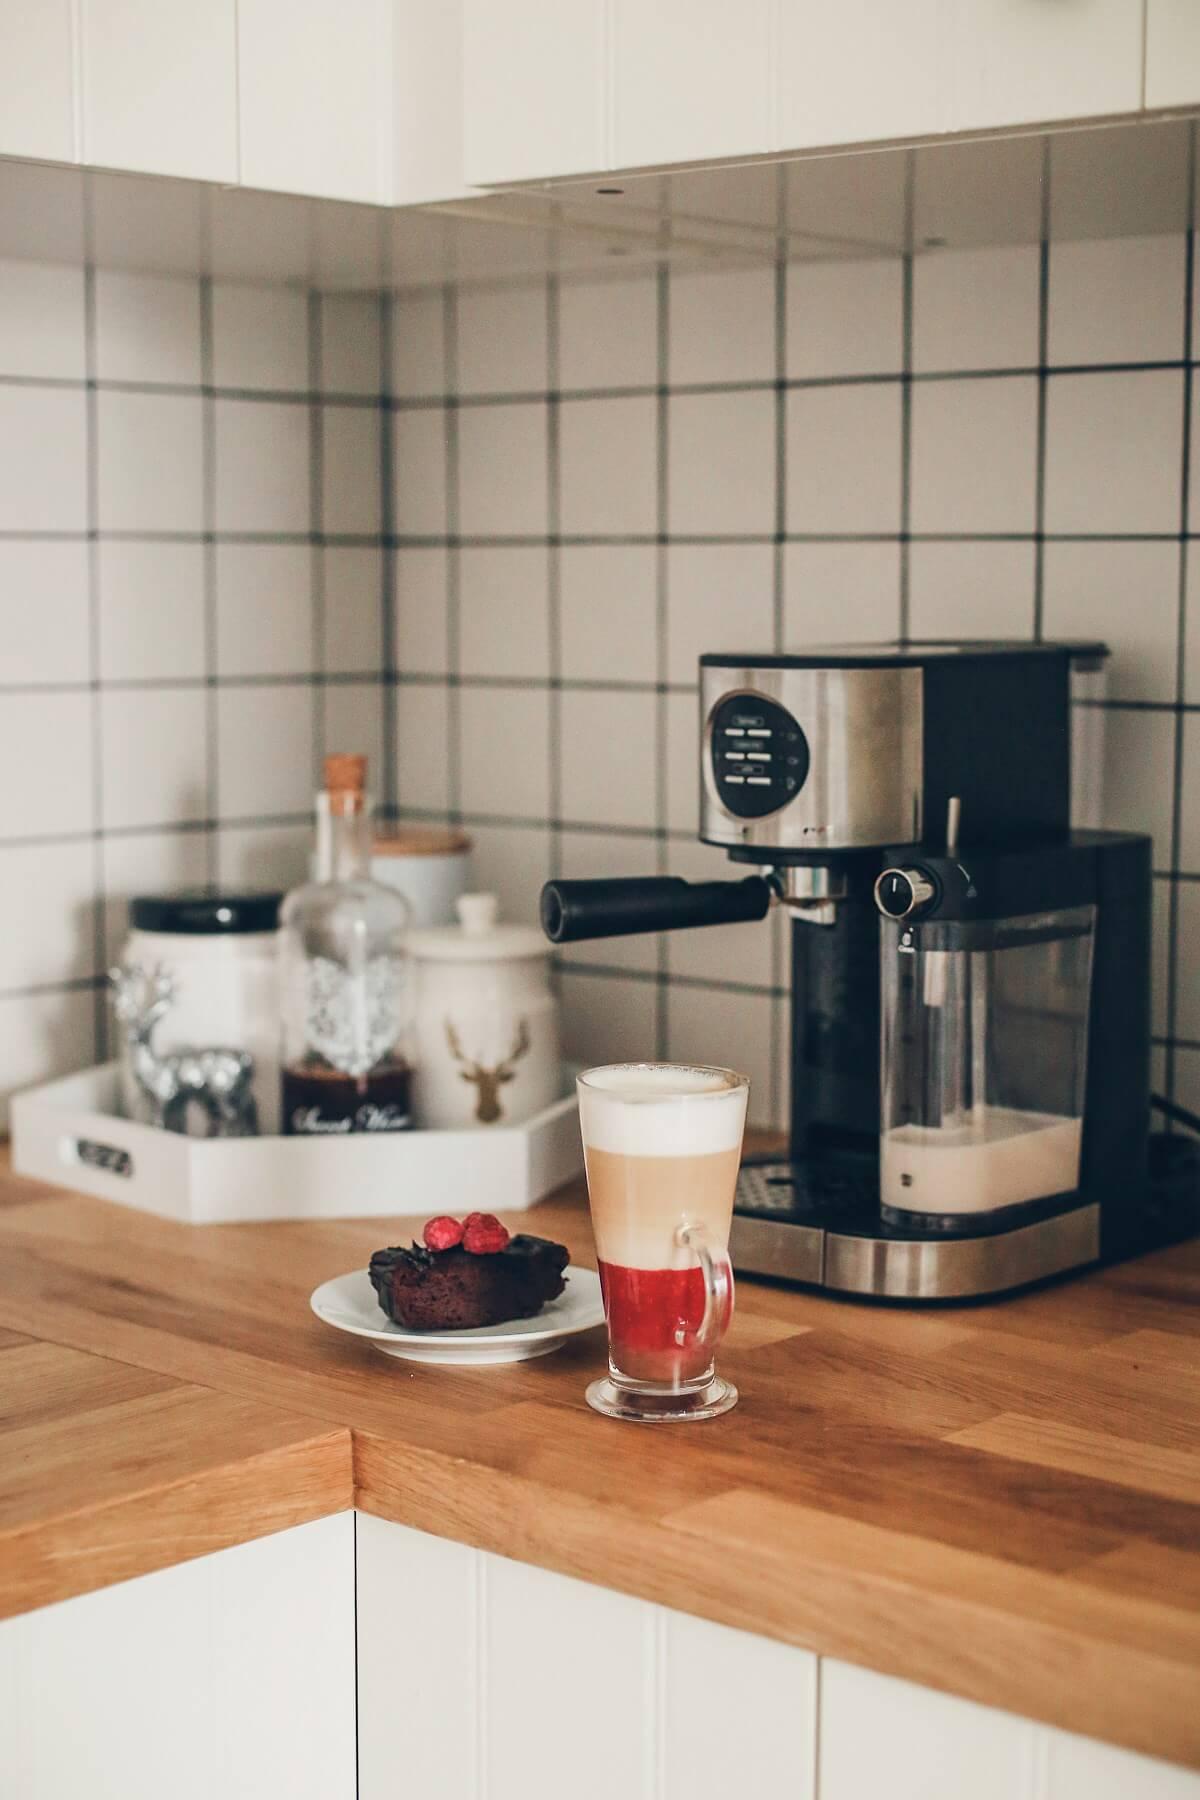 świąteczna kawa z malinami ekspres mpm